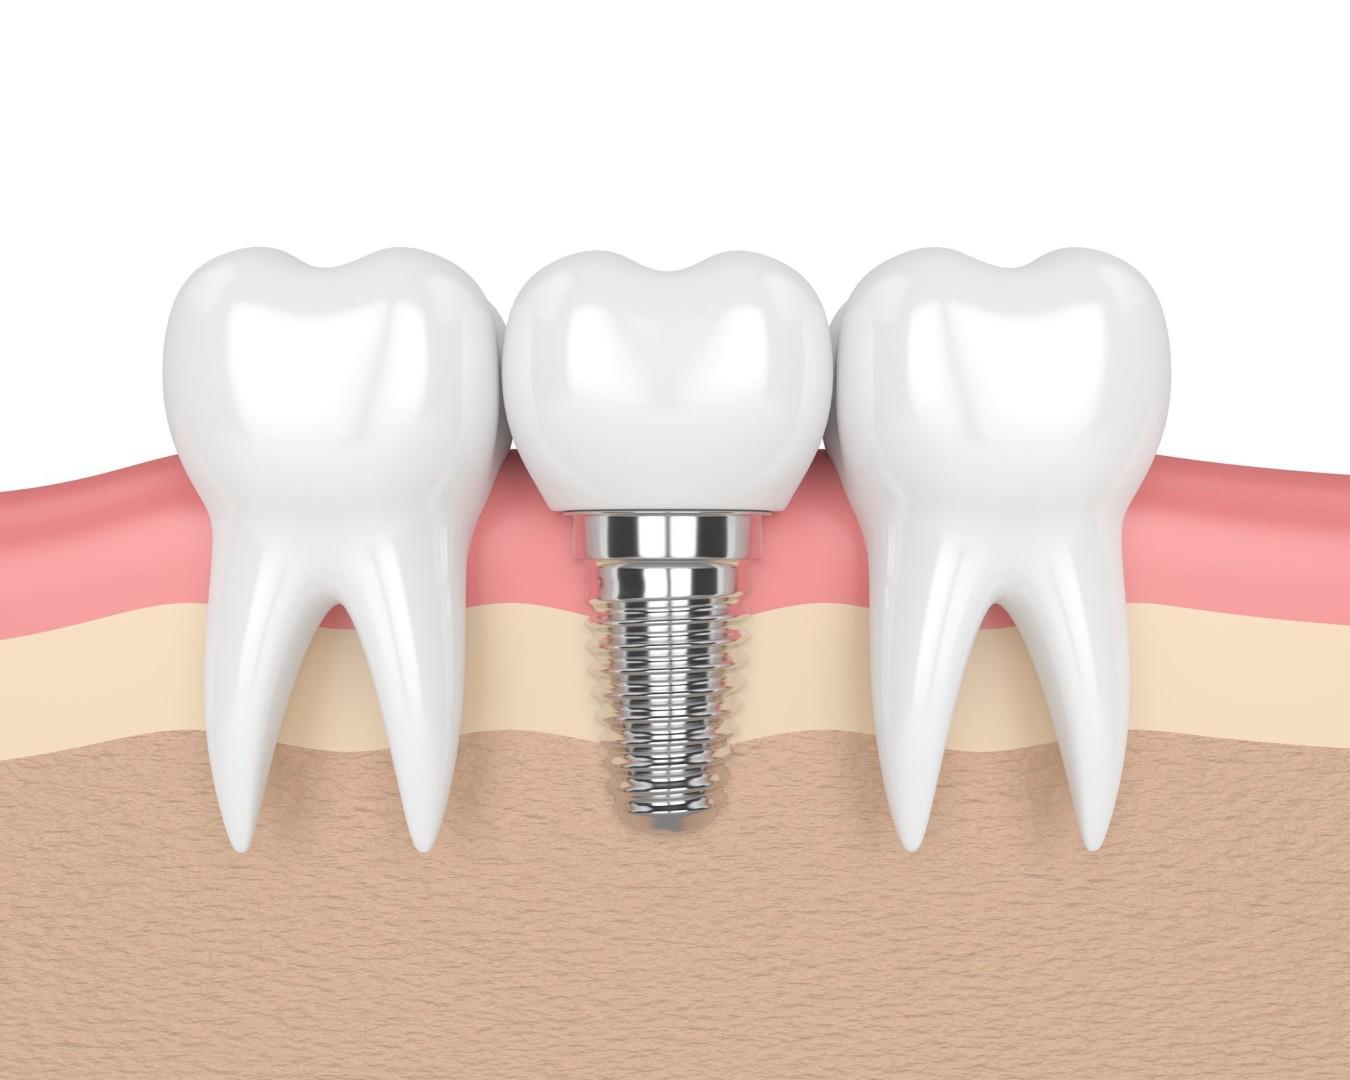 Implant dentaire : pourquoi sont-ils généralement en titane ?